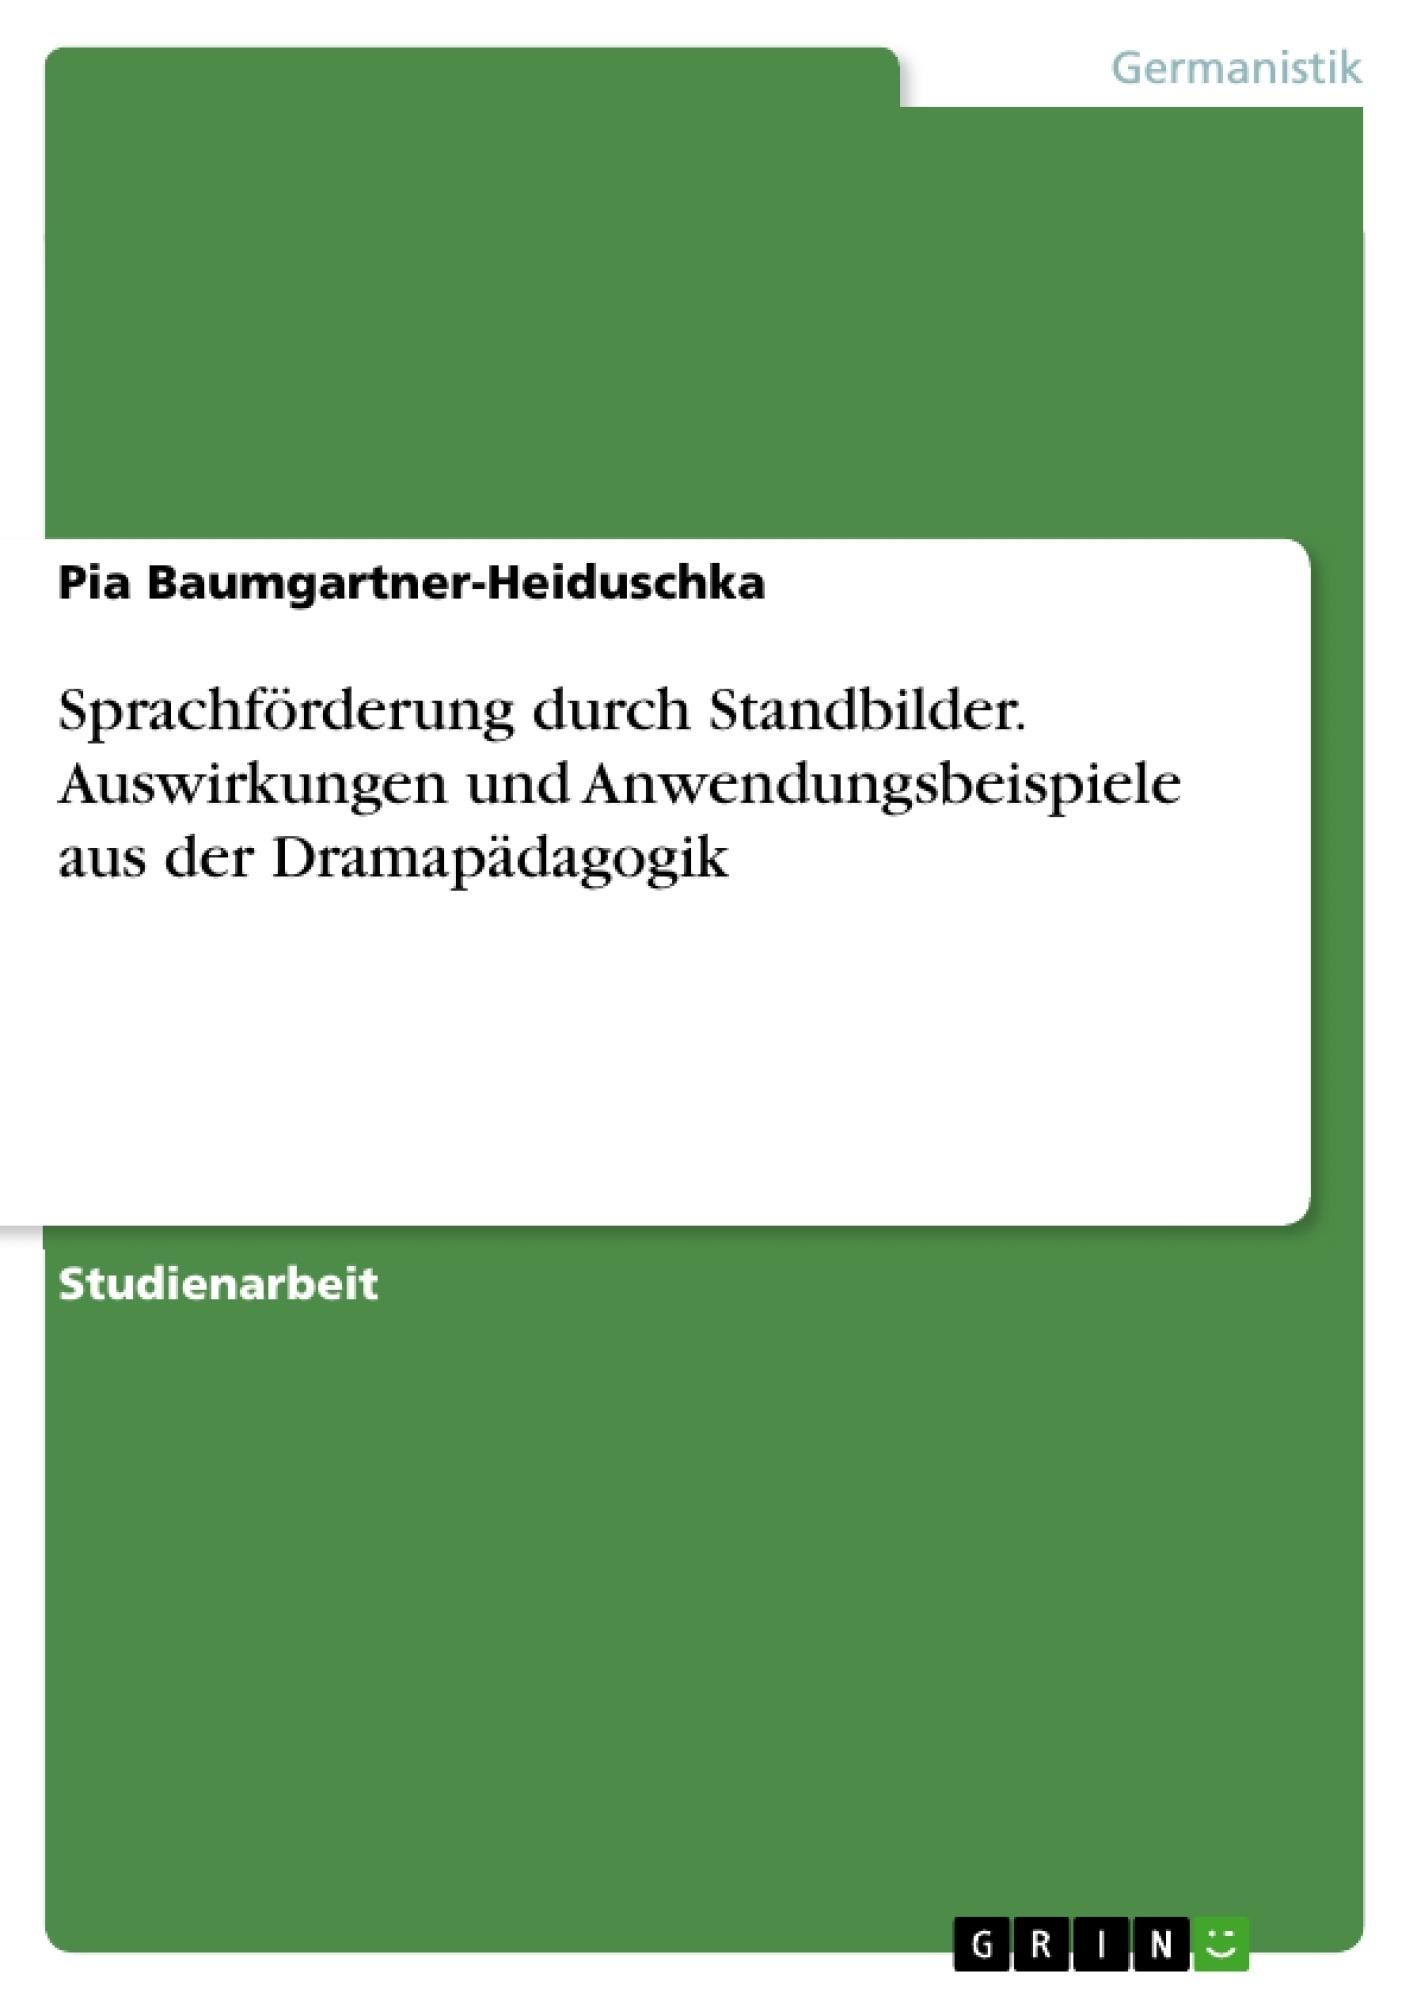 Titel: Sprachförderung durch Standbilder. Auswirkungen und Anwendungsbeispiele aus der Dramapädagogik